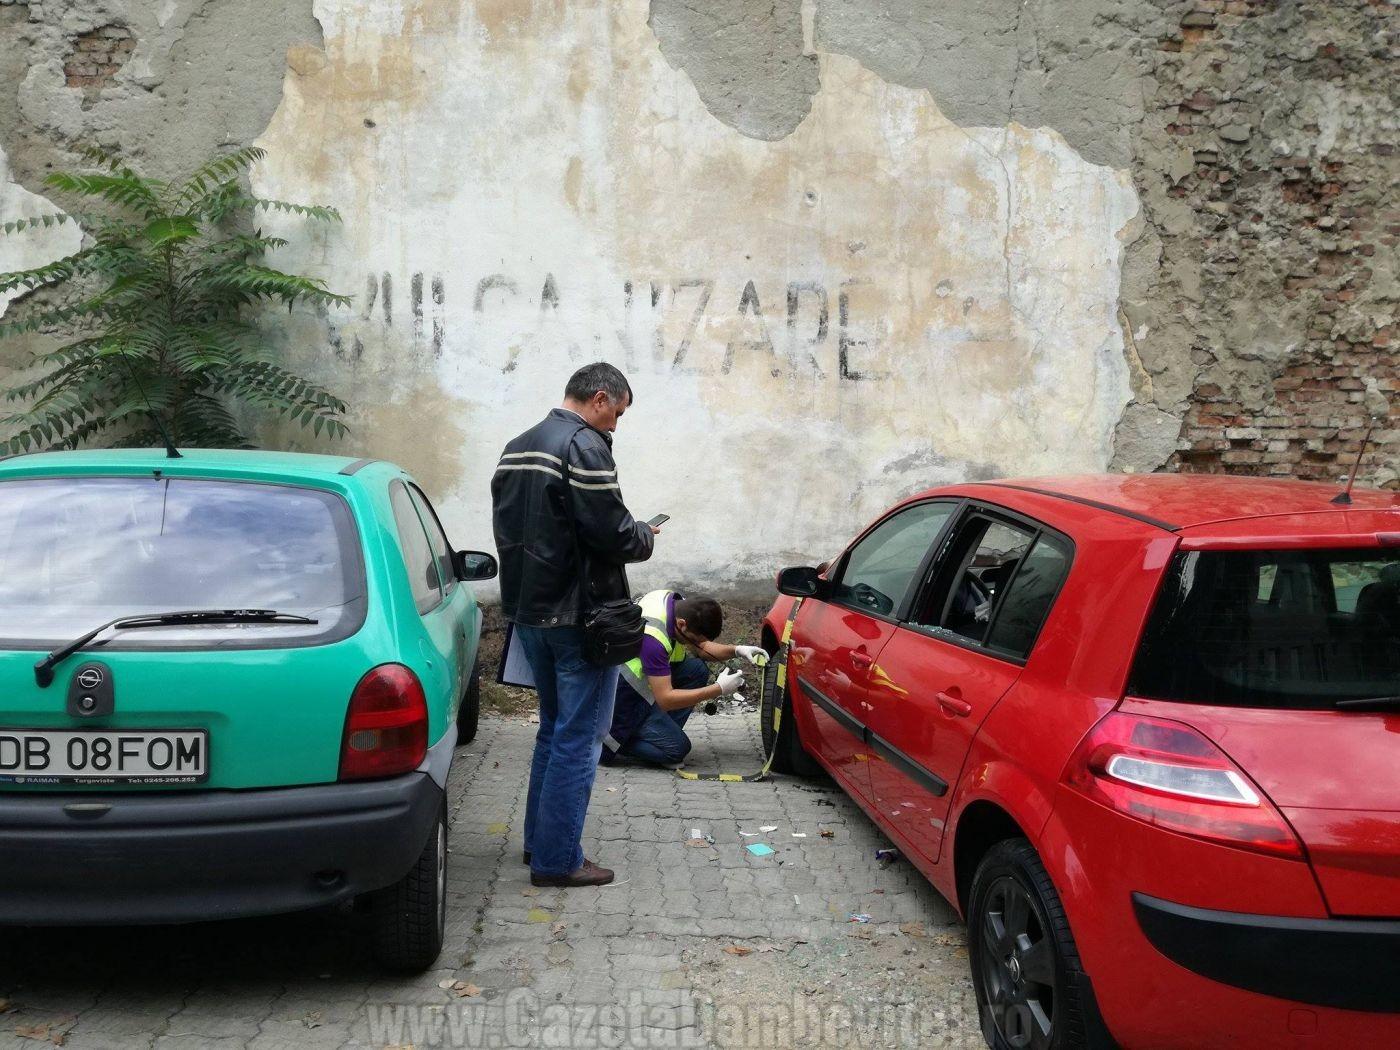 masina-vandalizata-targoviste-2